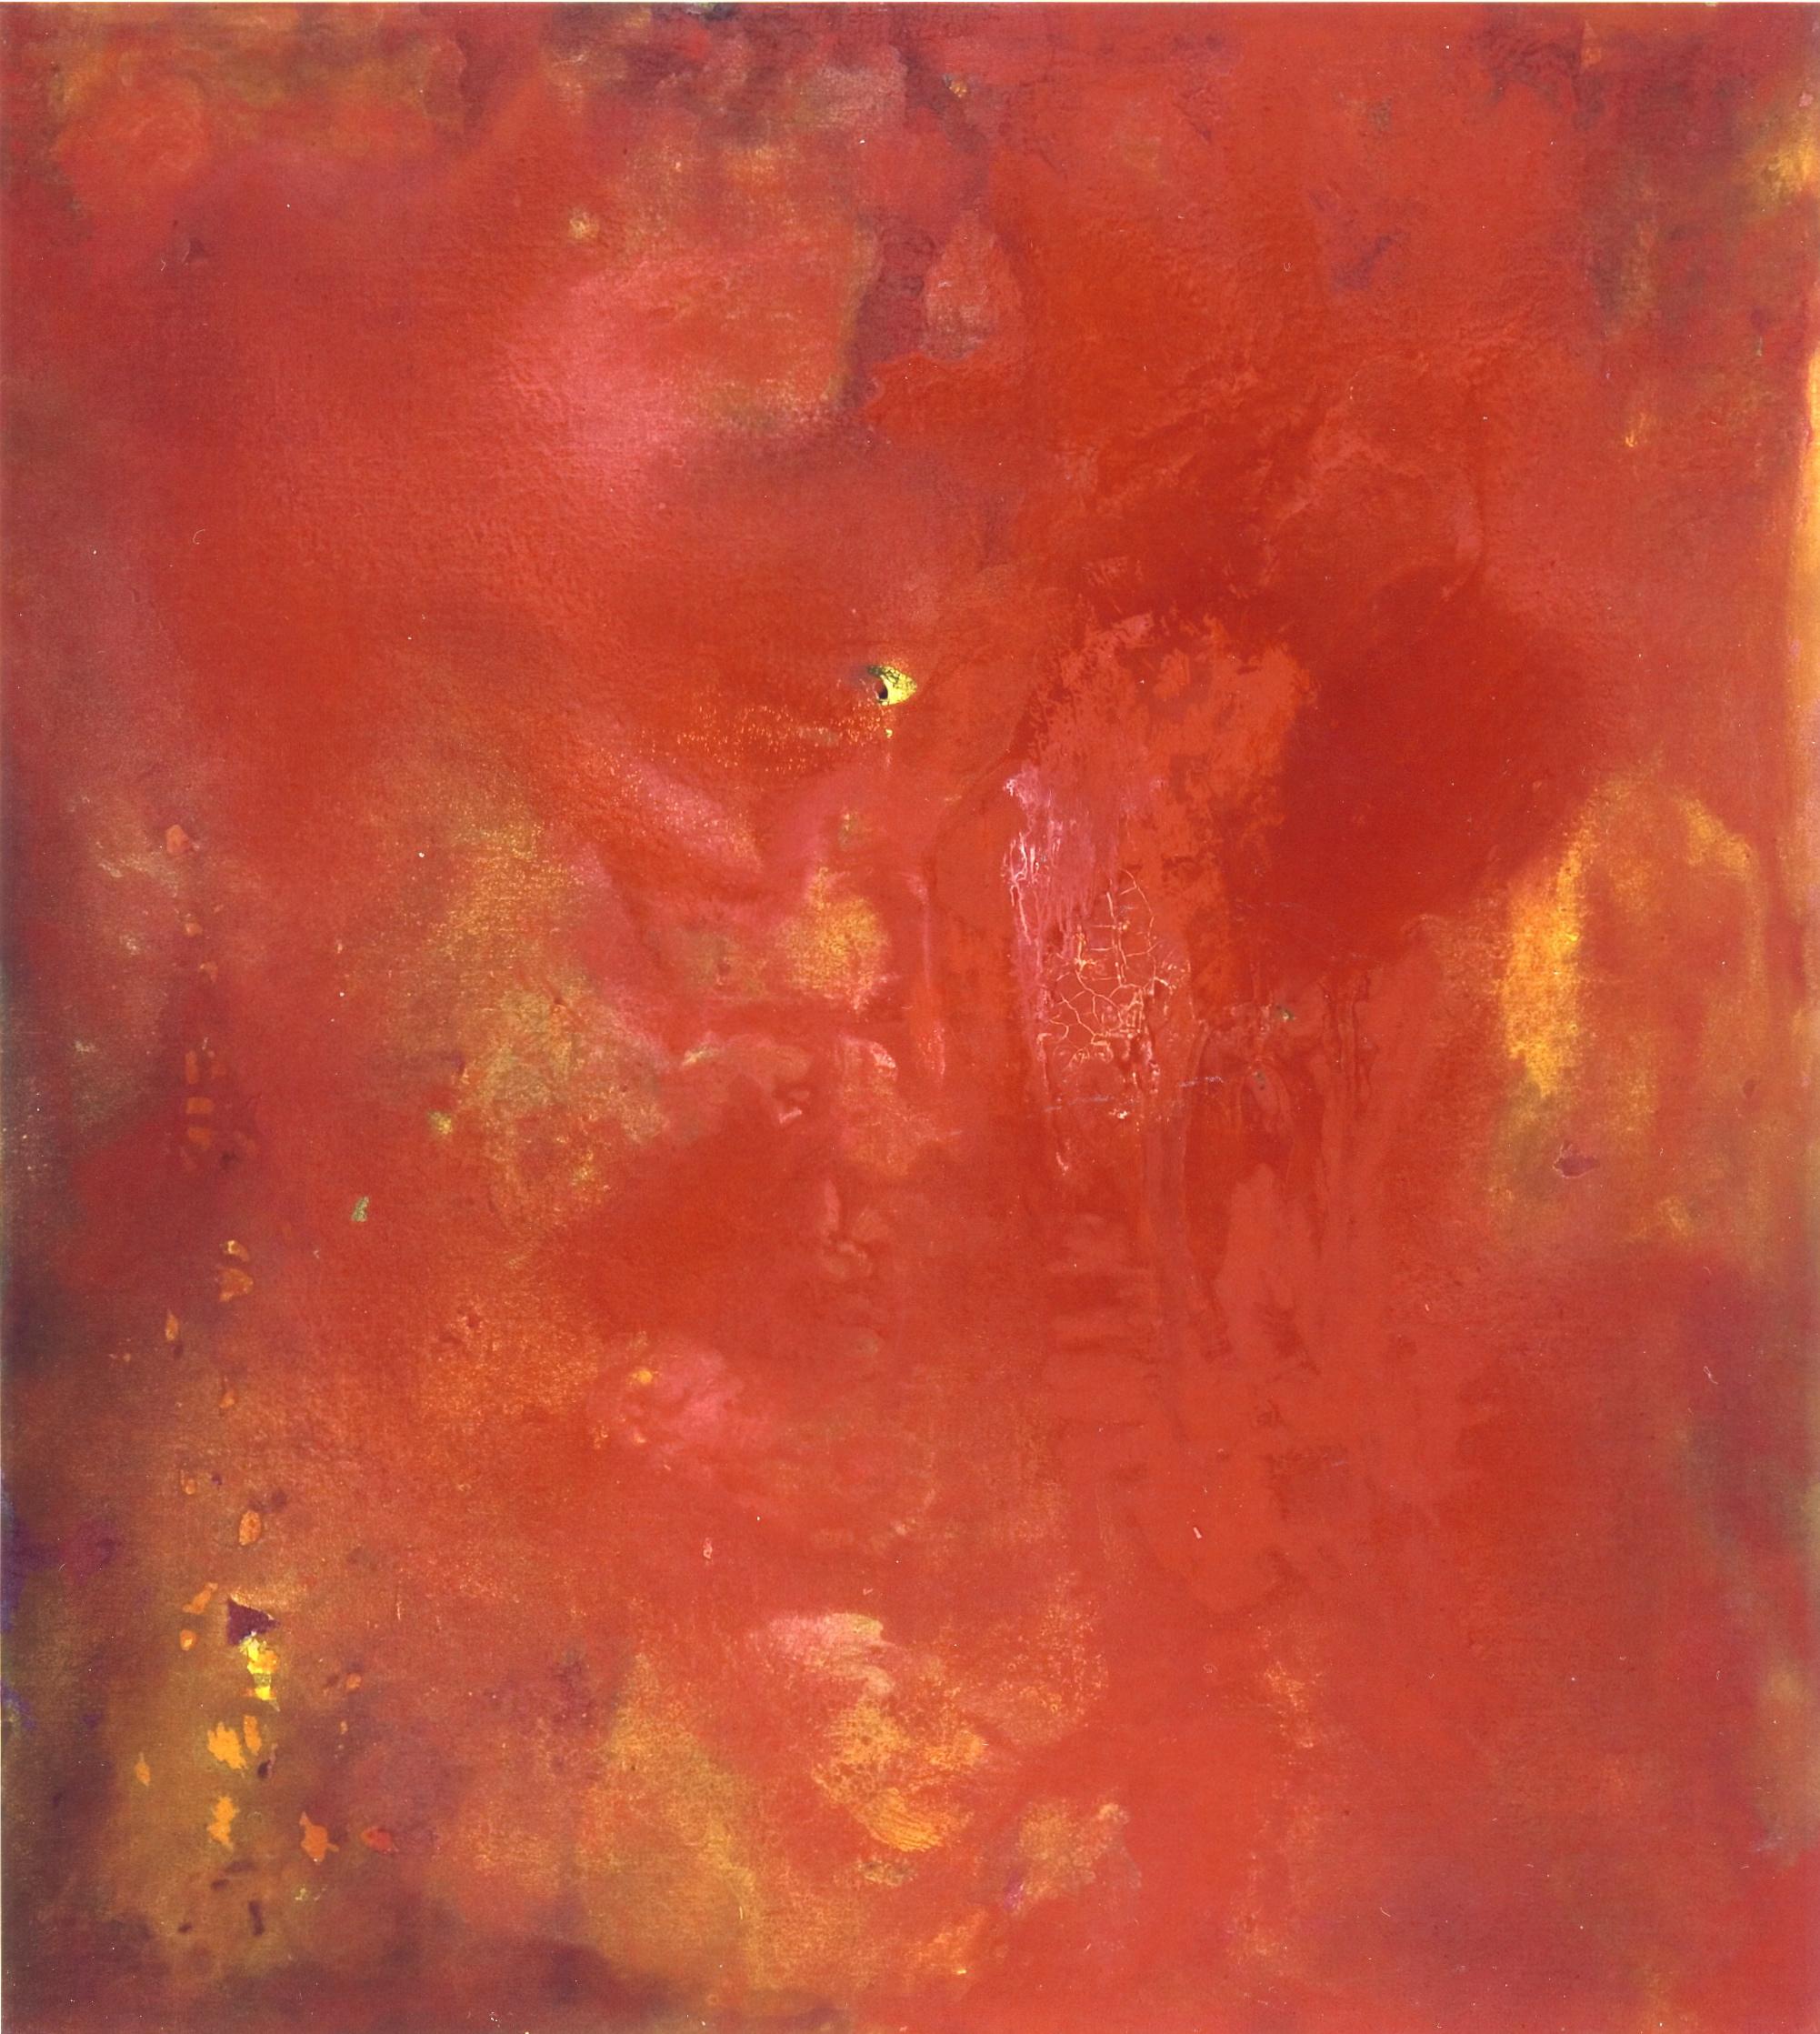 3 luglio, 2005, tempera acrilica e polveri d'oro, cm 200 x 180  3 luglio, 2005, acrylic tempera and gold dust, cm 200 x 180